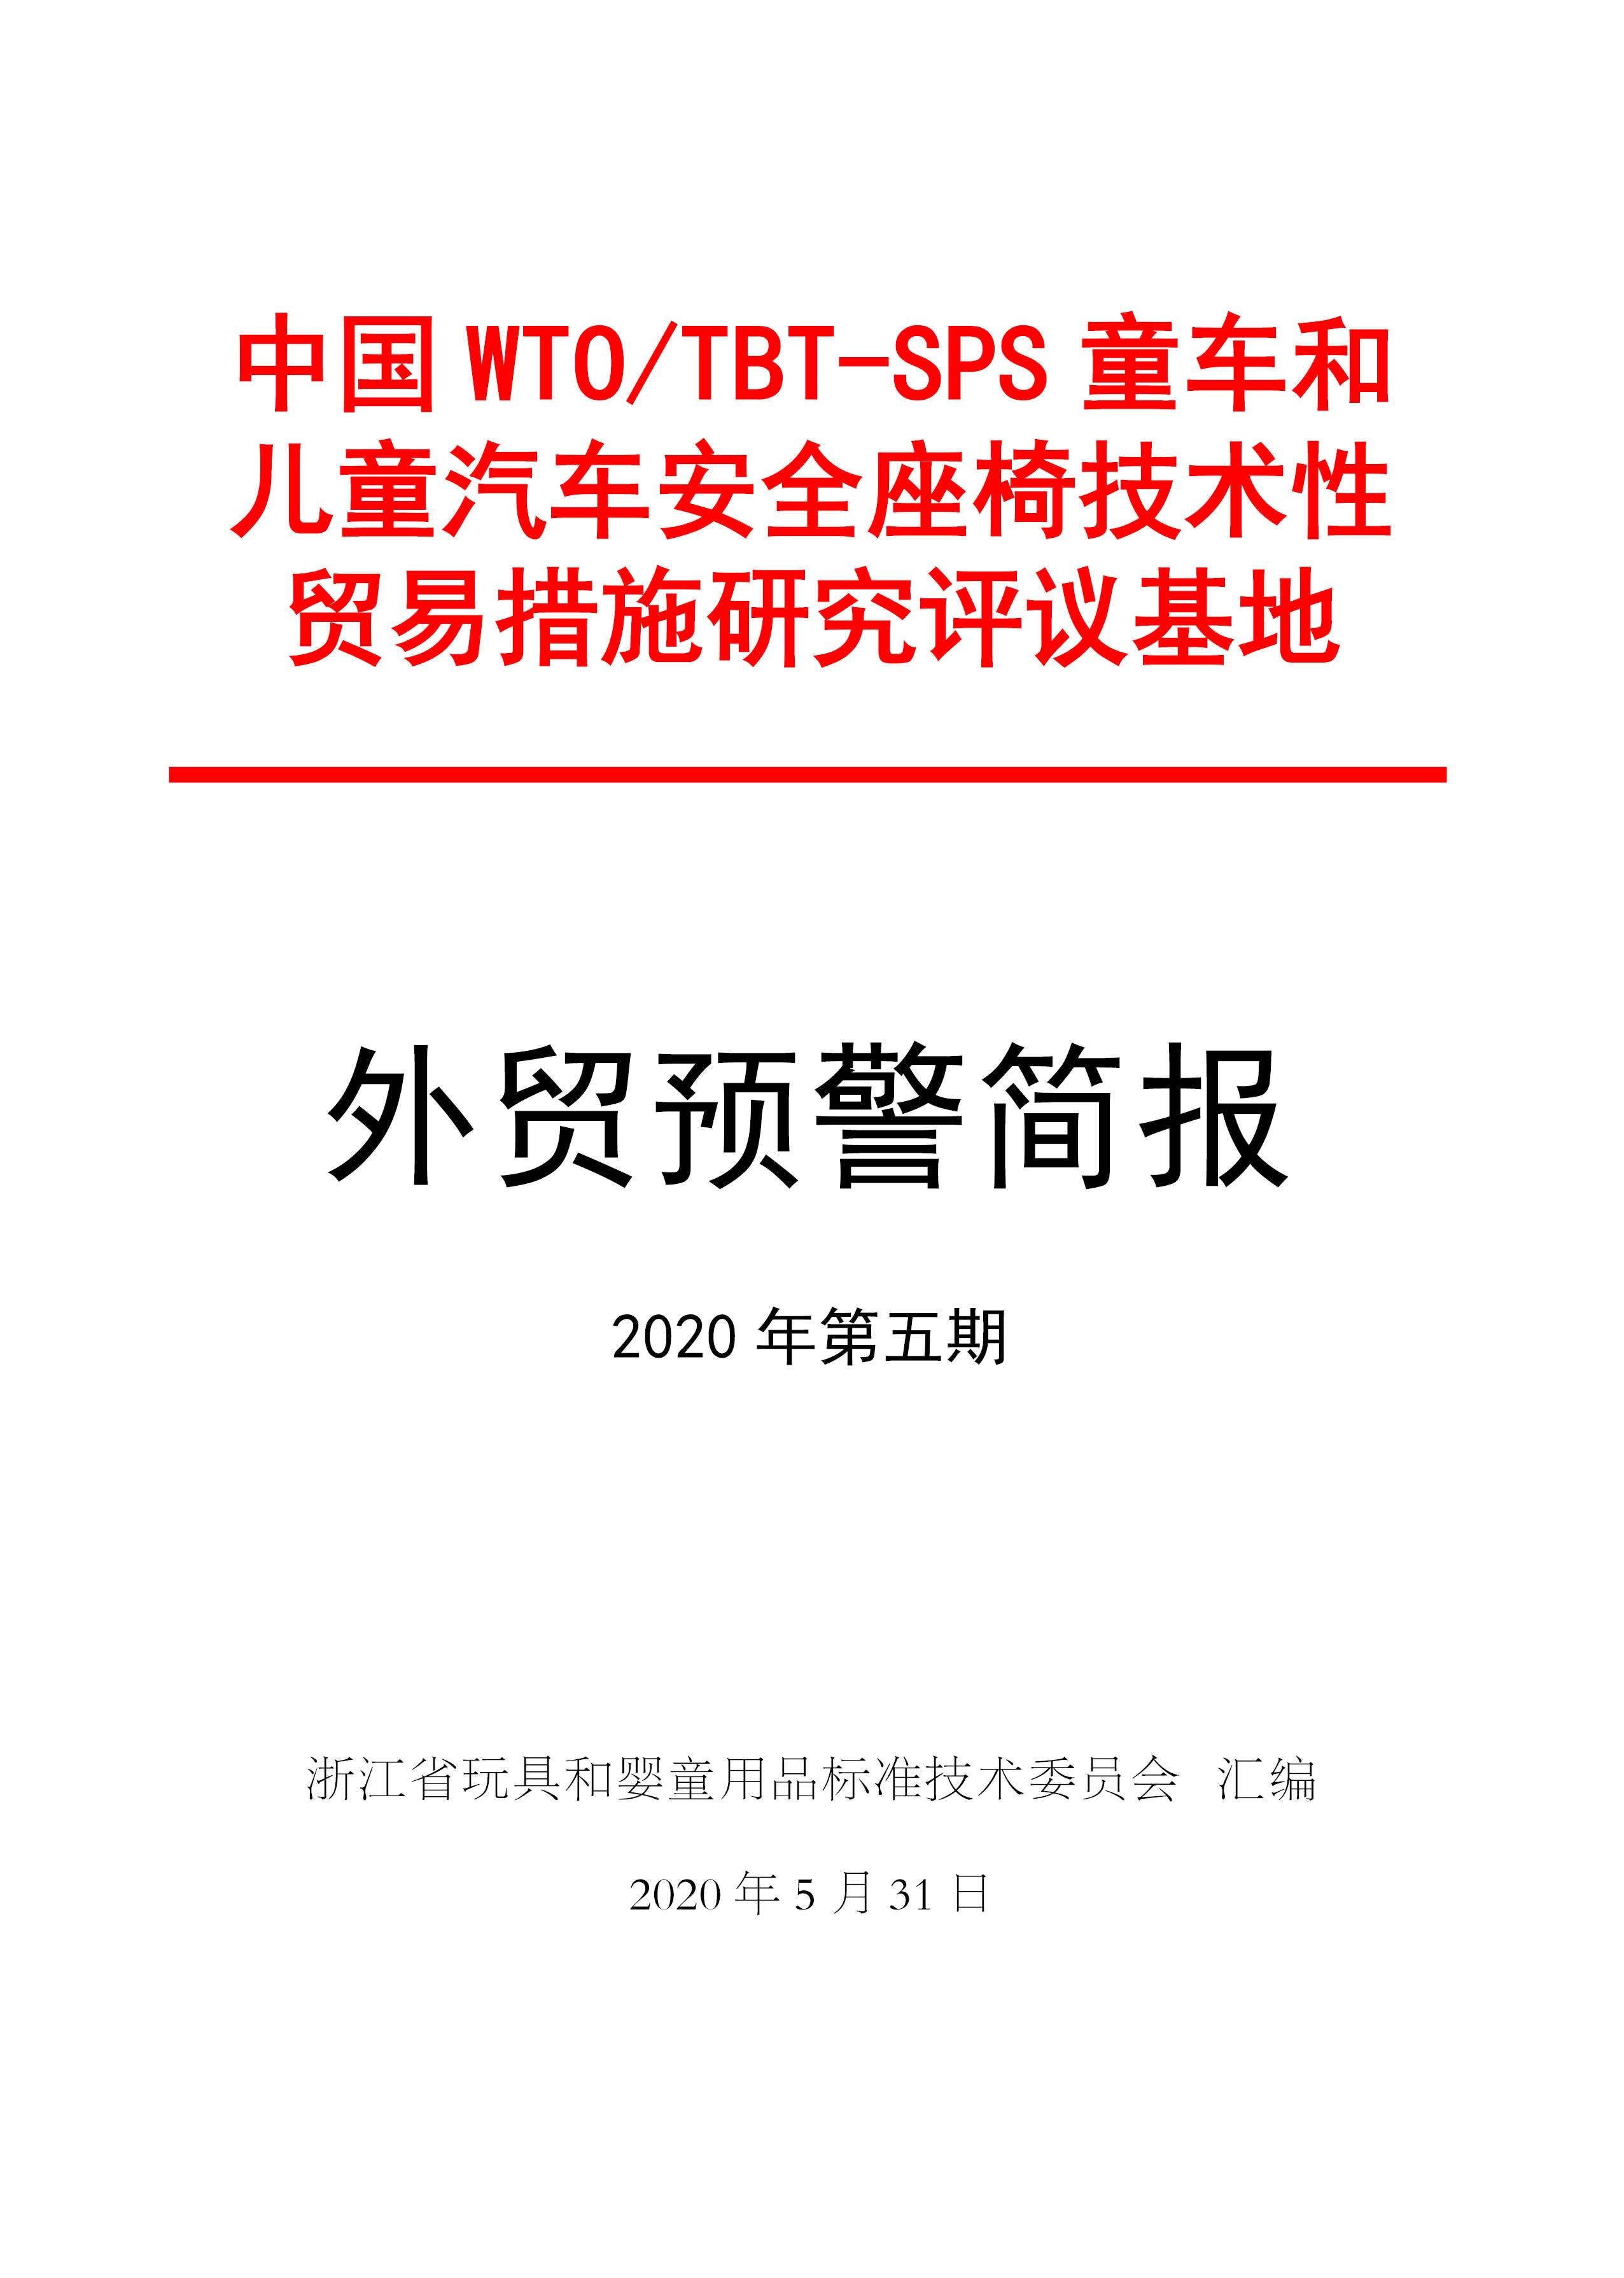 2020年5月浙江省玩具和婴童用品标准化技术委员会预警简报